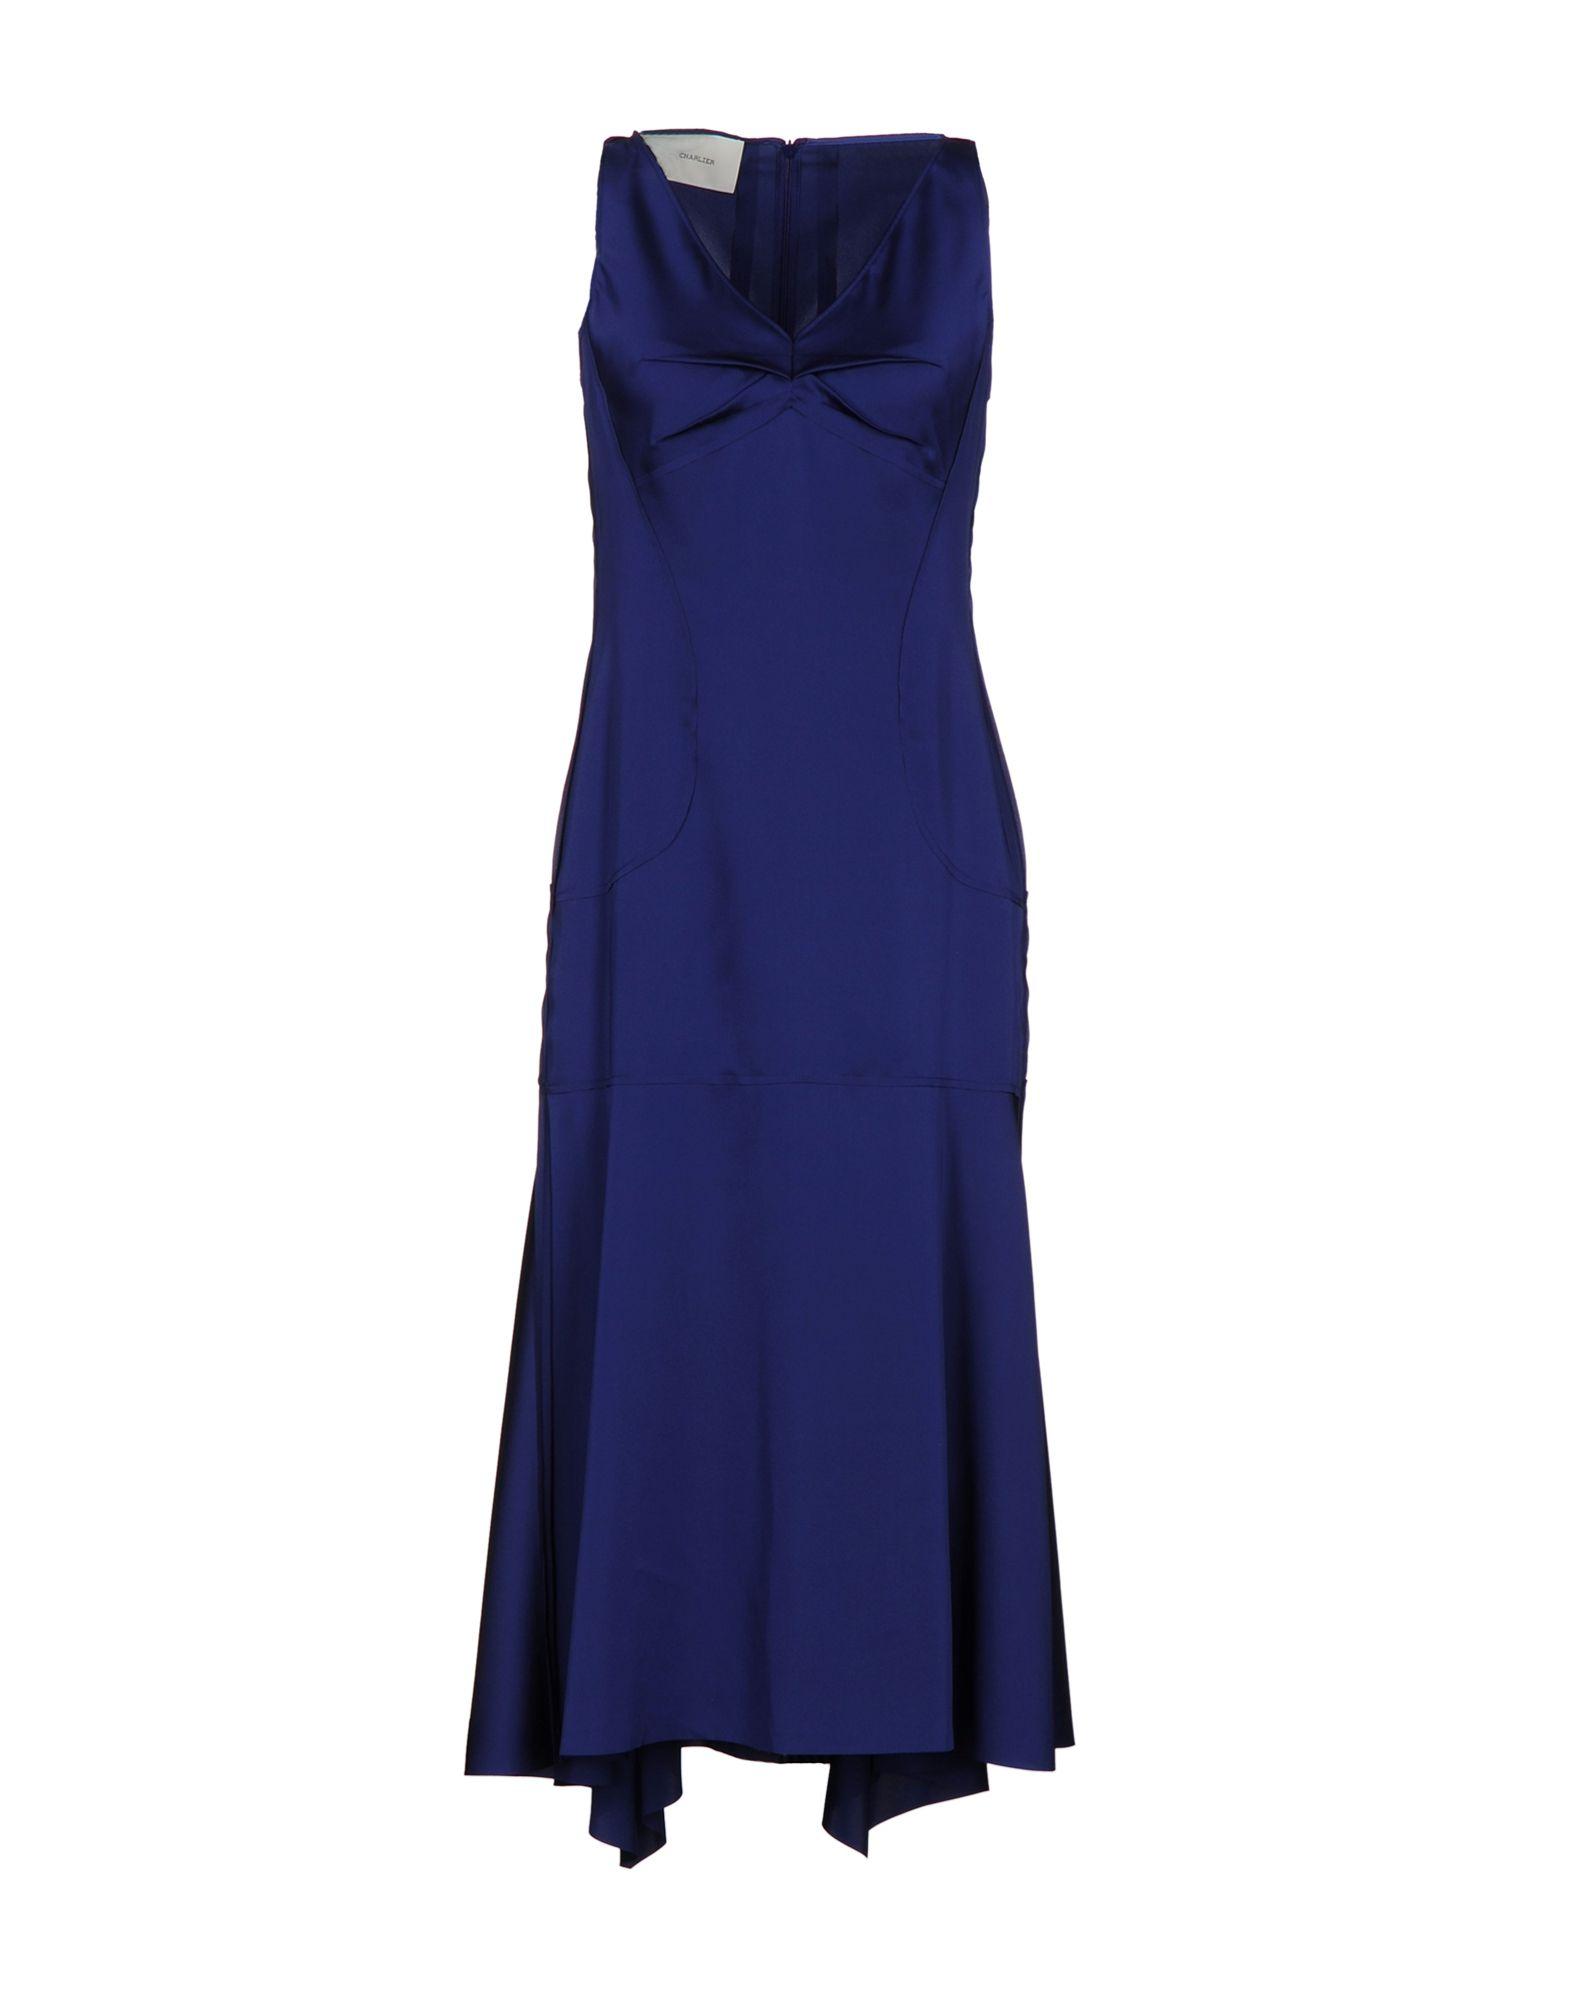 Фотография CEDRIC CHARLIER Платье длиной 3/4